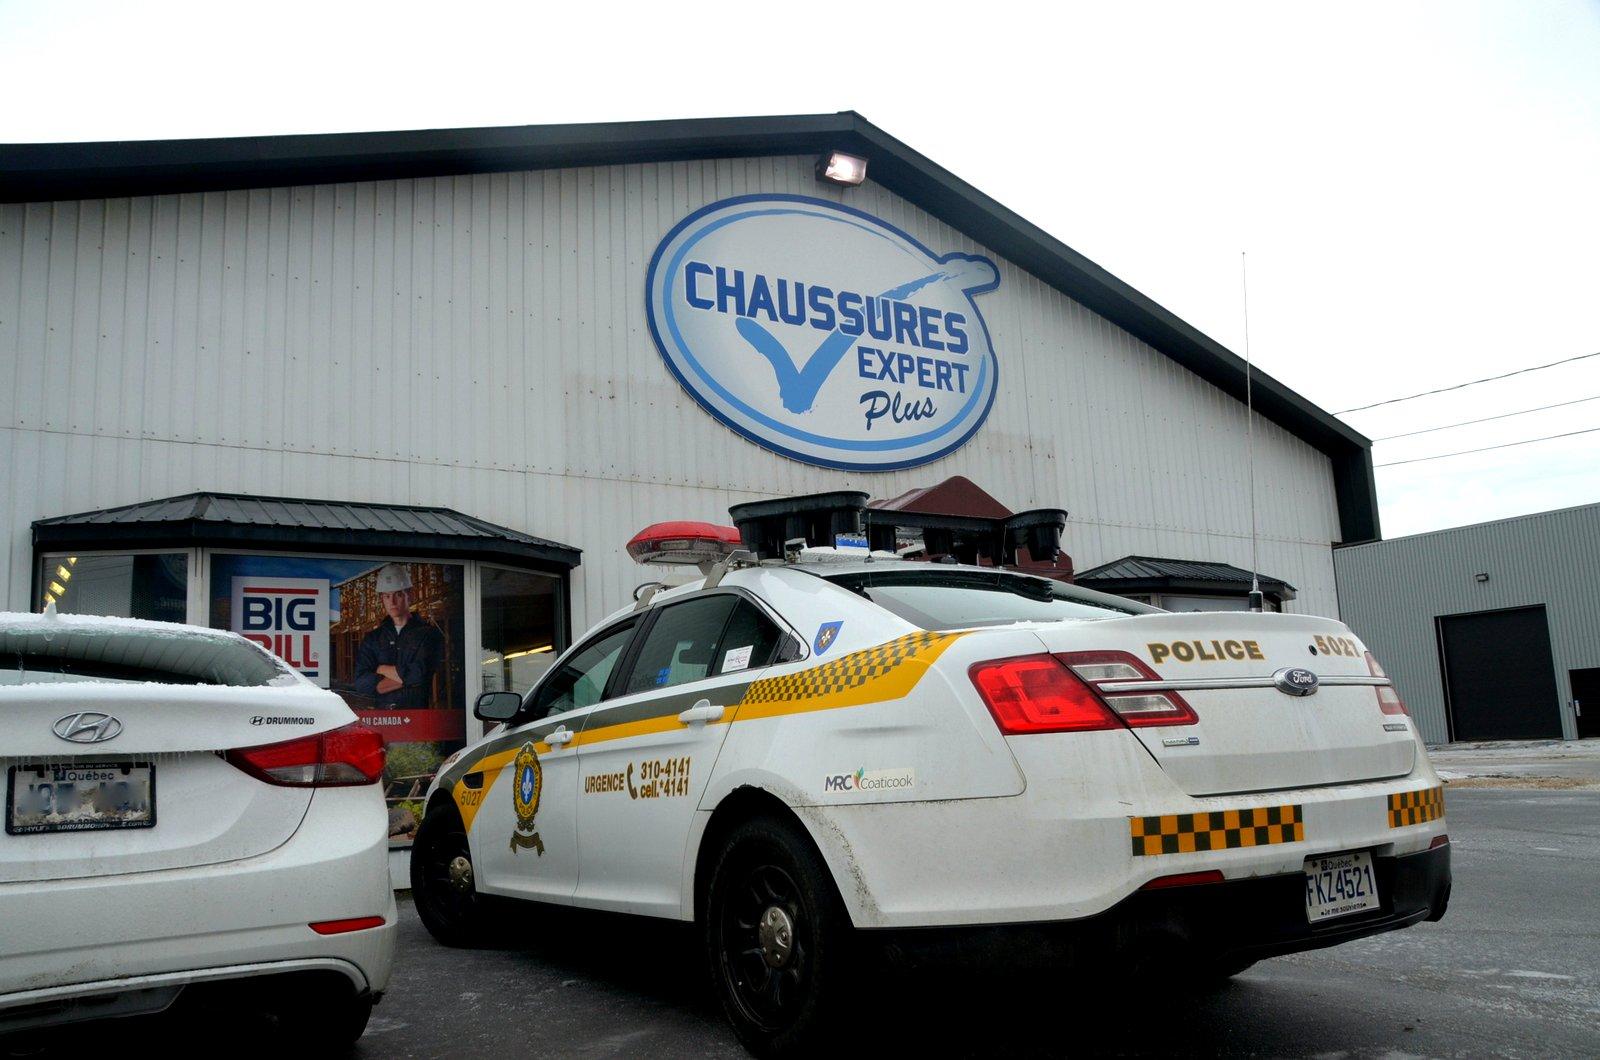 De Chez Chaussures Expert Audacieux Saint Cambriolage Plus Cyrille v6W1Xnpq